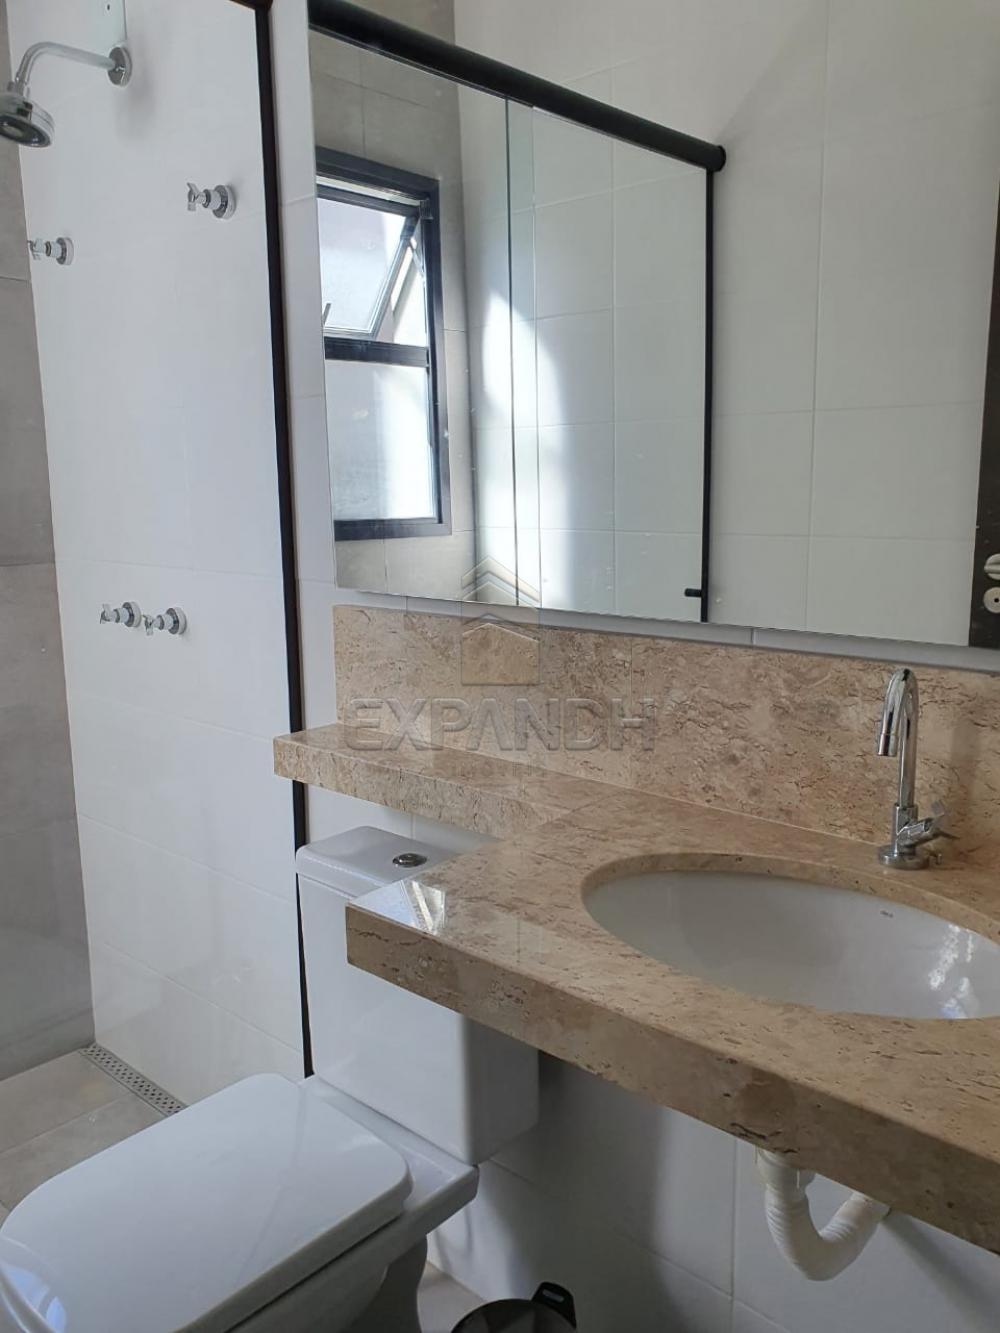 Comprar Casas / Condomínio em Sertãozinho R$ 478.390,00 - Foto 14